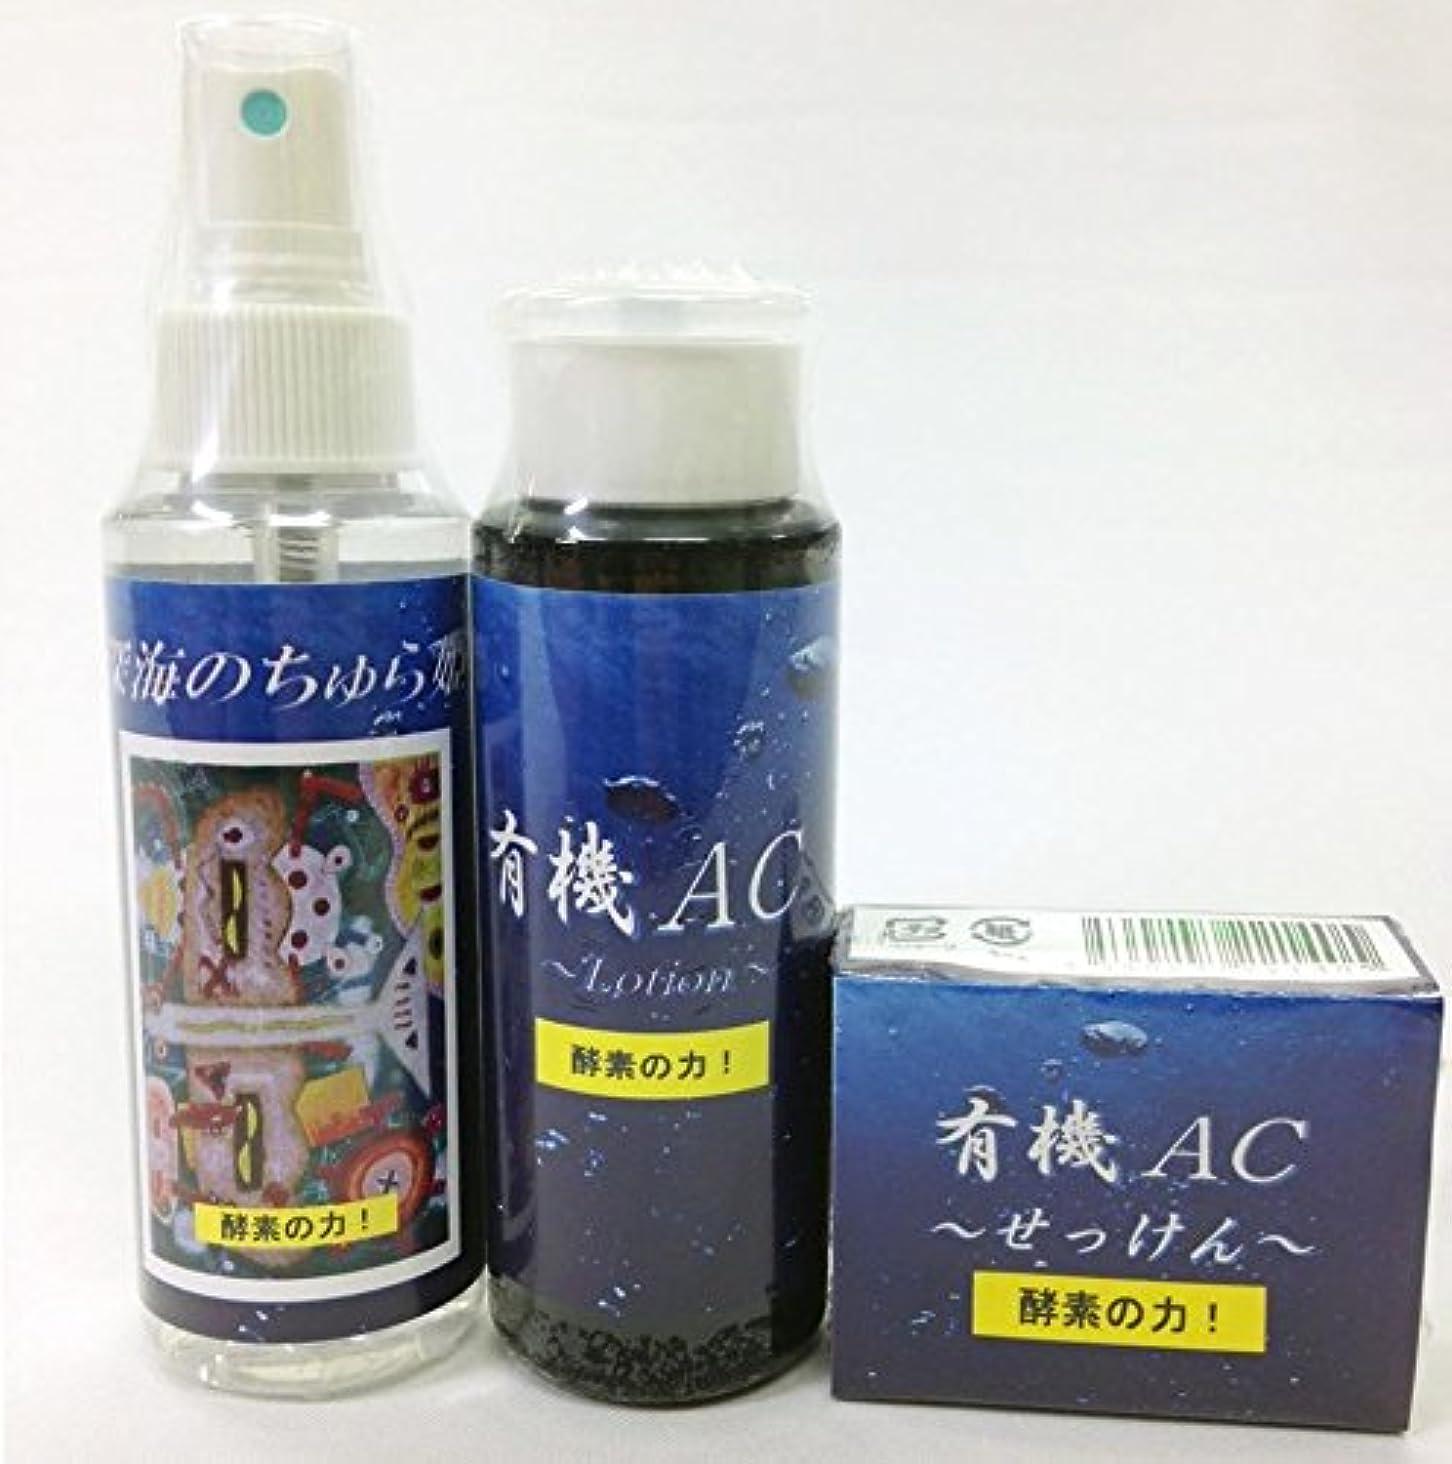 前売ラッドヤードキップリング写真の美容コスメ 3点セット 沖縄EEN 有機質炭素を配合した化粧水?ローション?石けんのセット